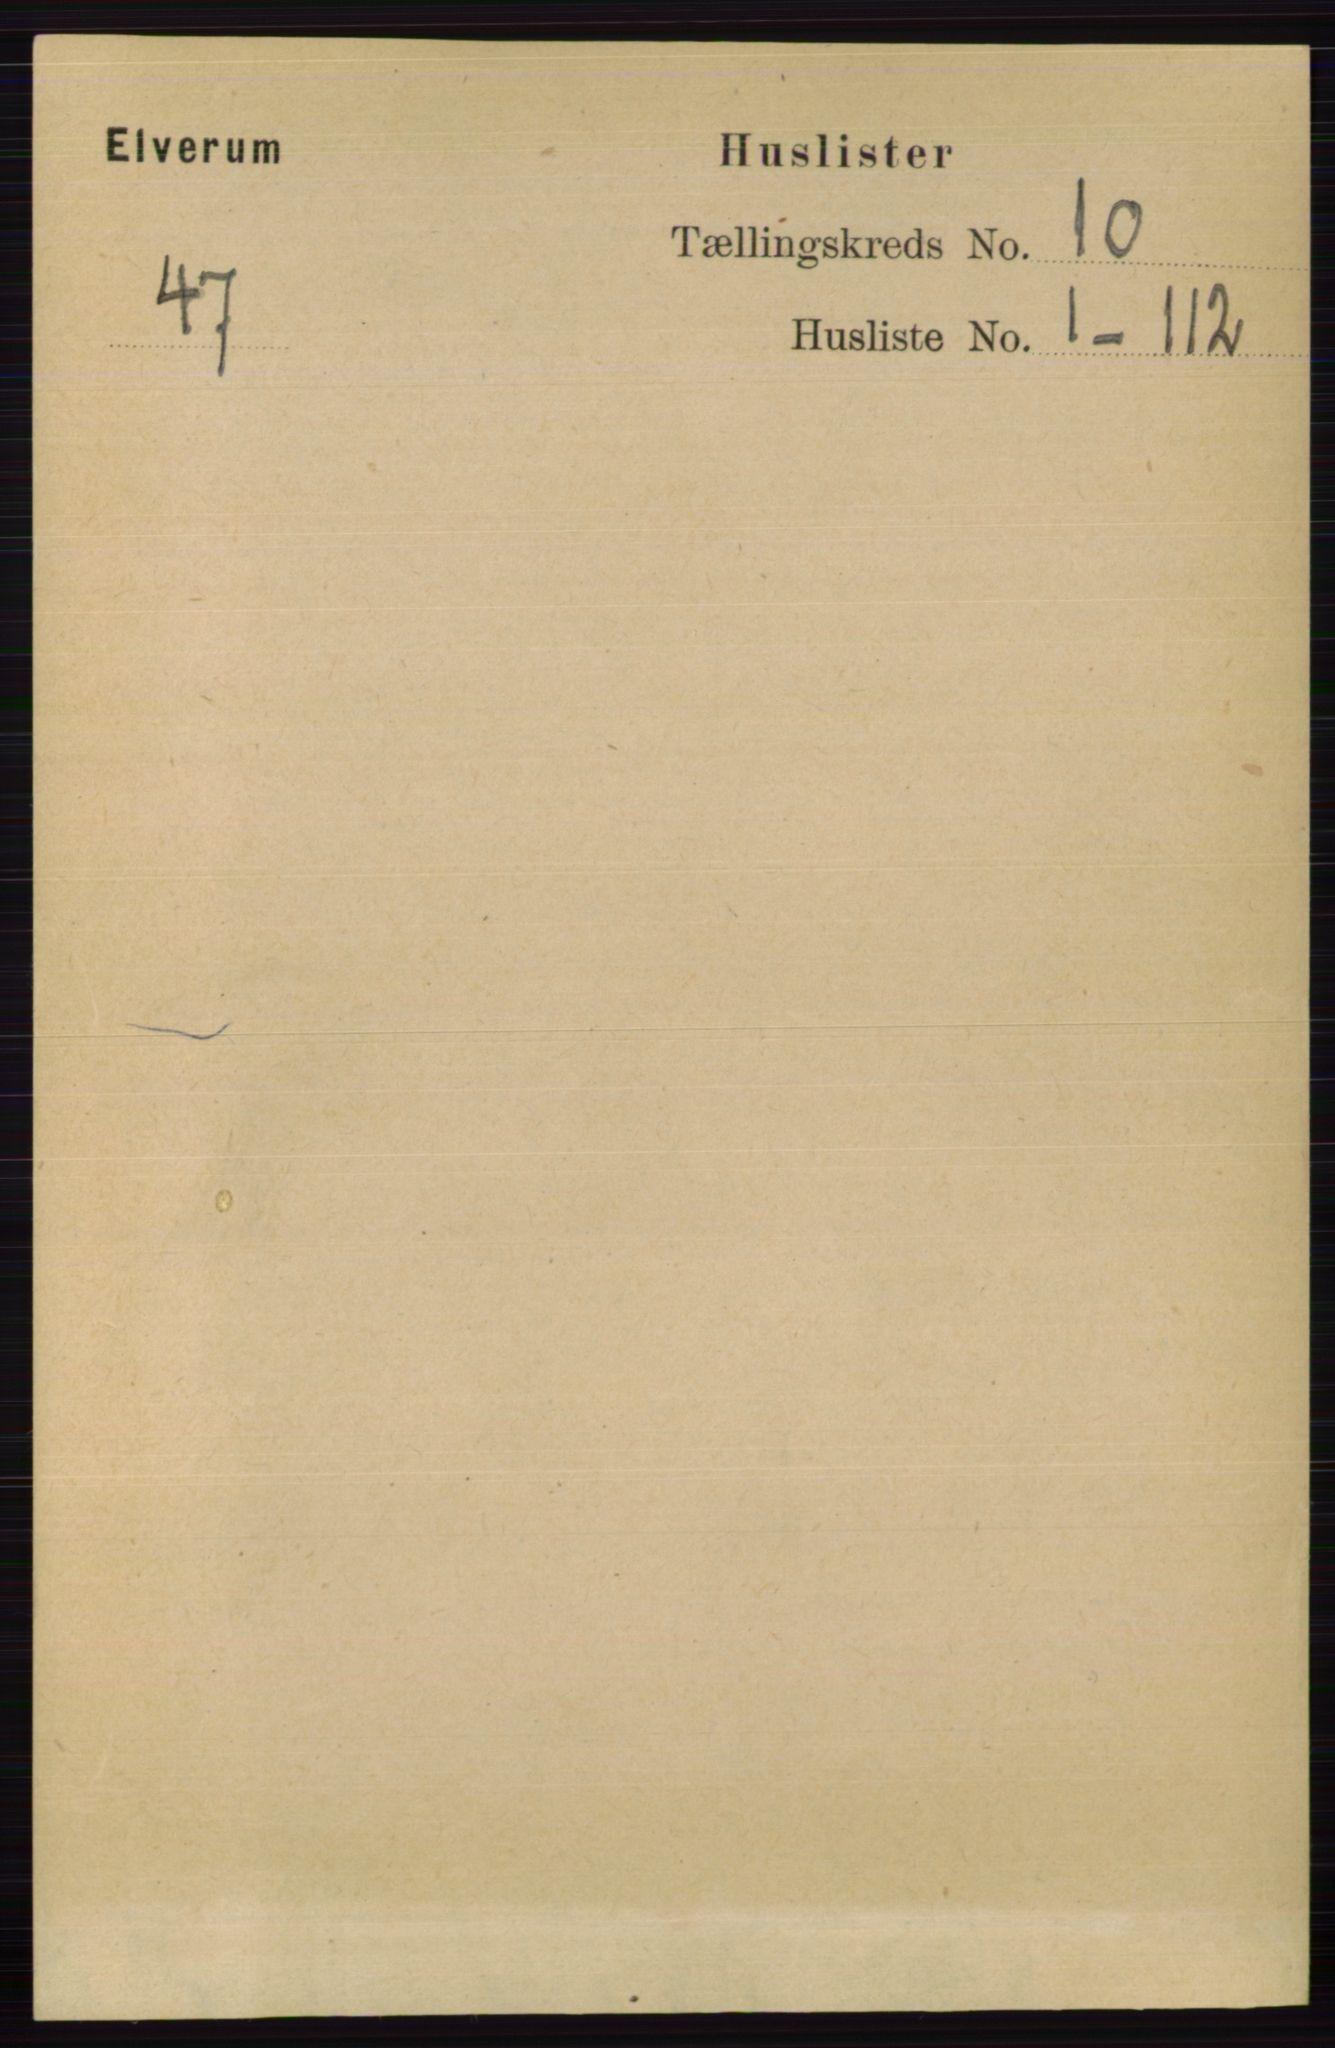 RA, Folketelling 1891 for 0427 Elverum herred, 1891, s. 8082